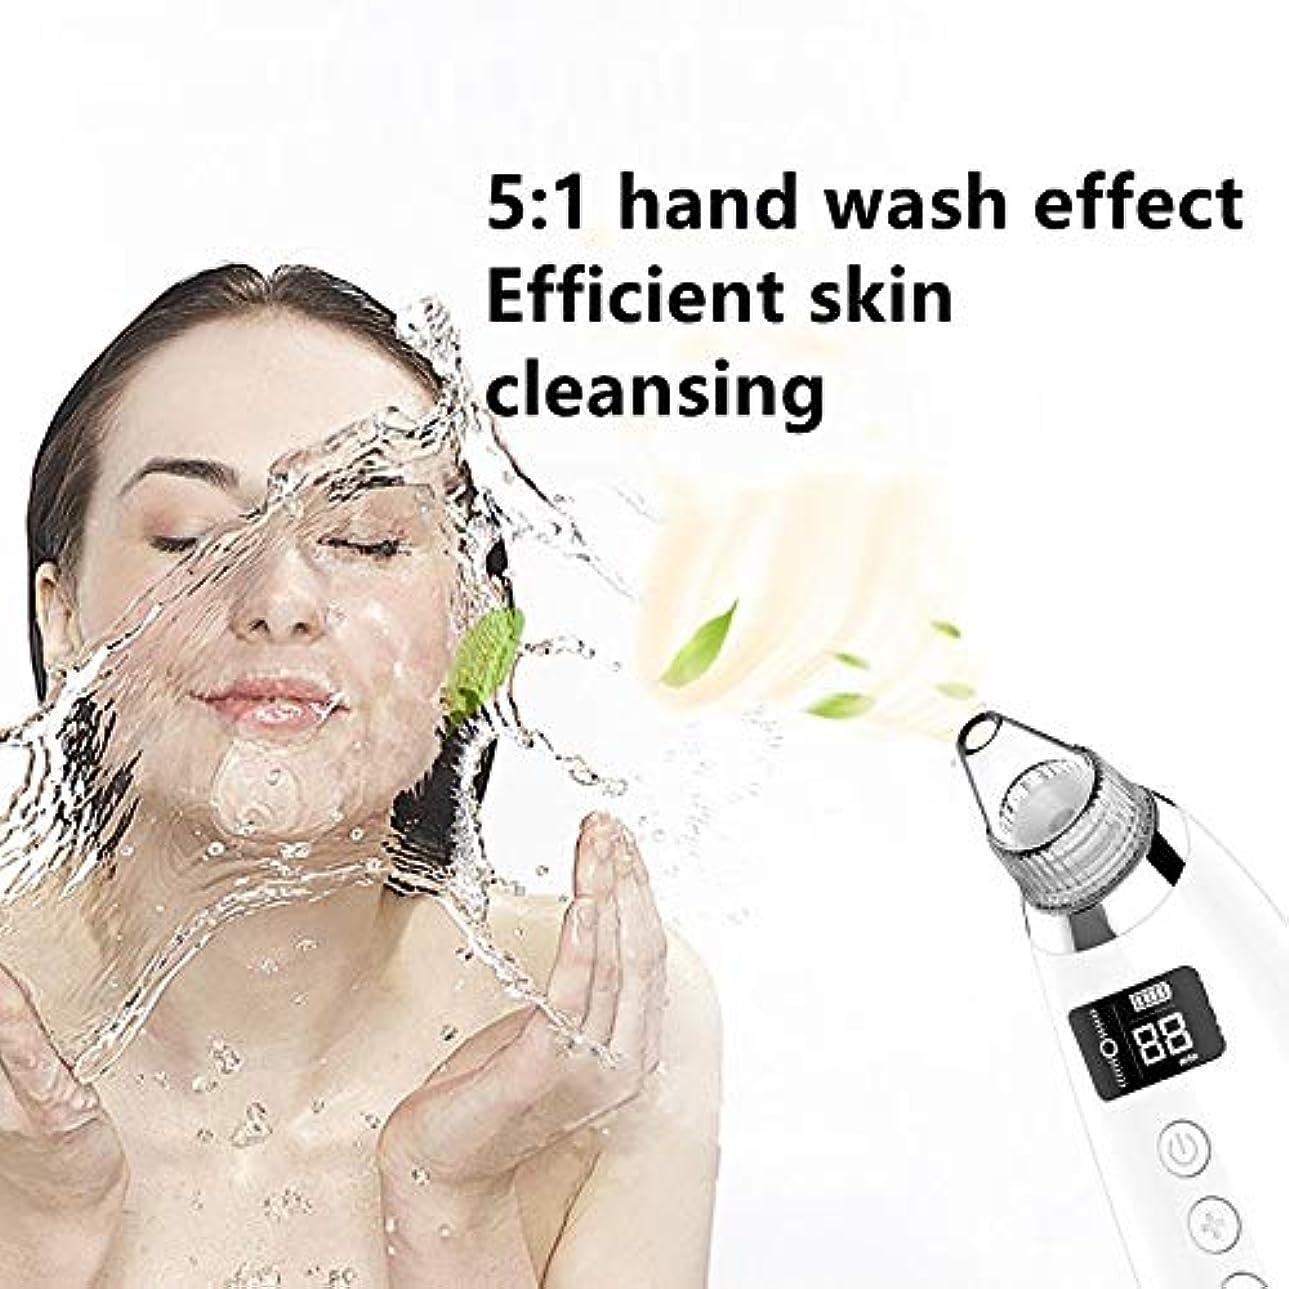 デッキ深い革新ブラックヘッドリムーバー毛穴掃除、強い吸引充電式電気顔面にきびクリーナーツール&5多機能の削除面皰吸盤Extractorのマシン